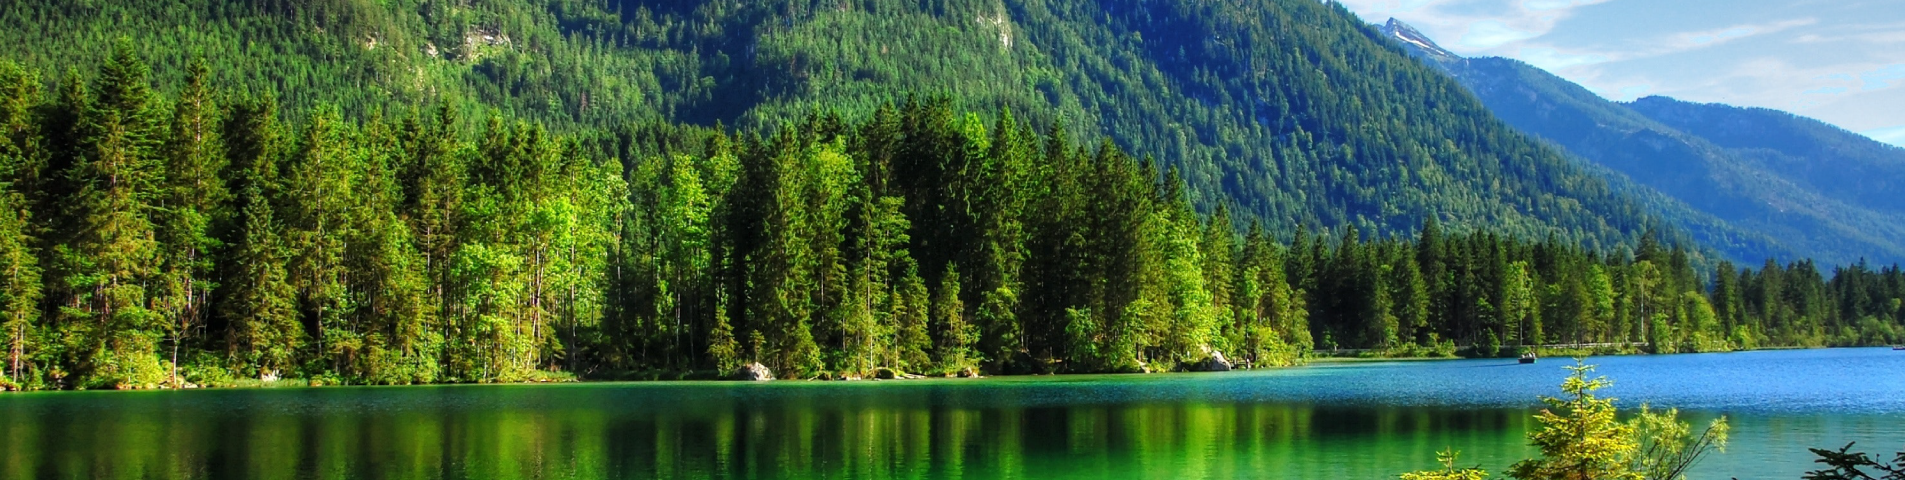 header-images-forest2